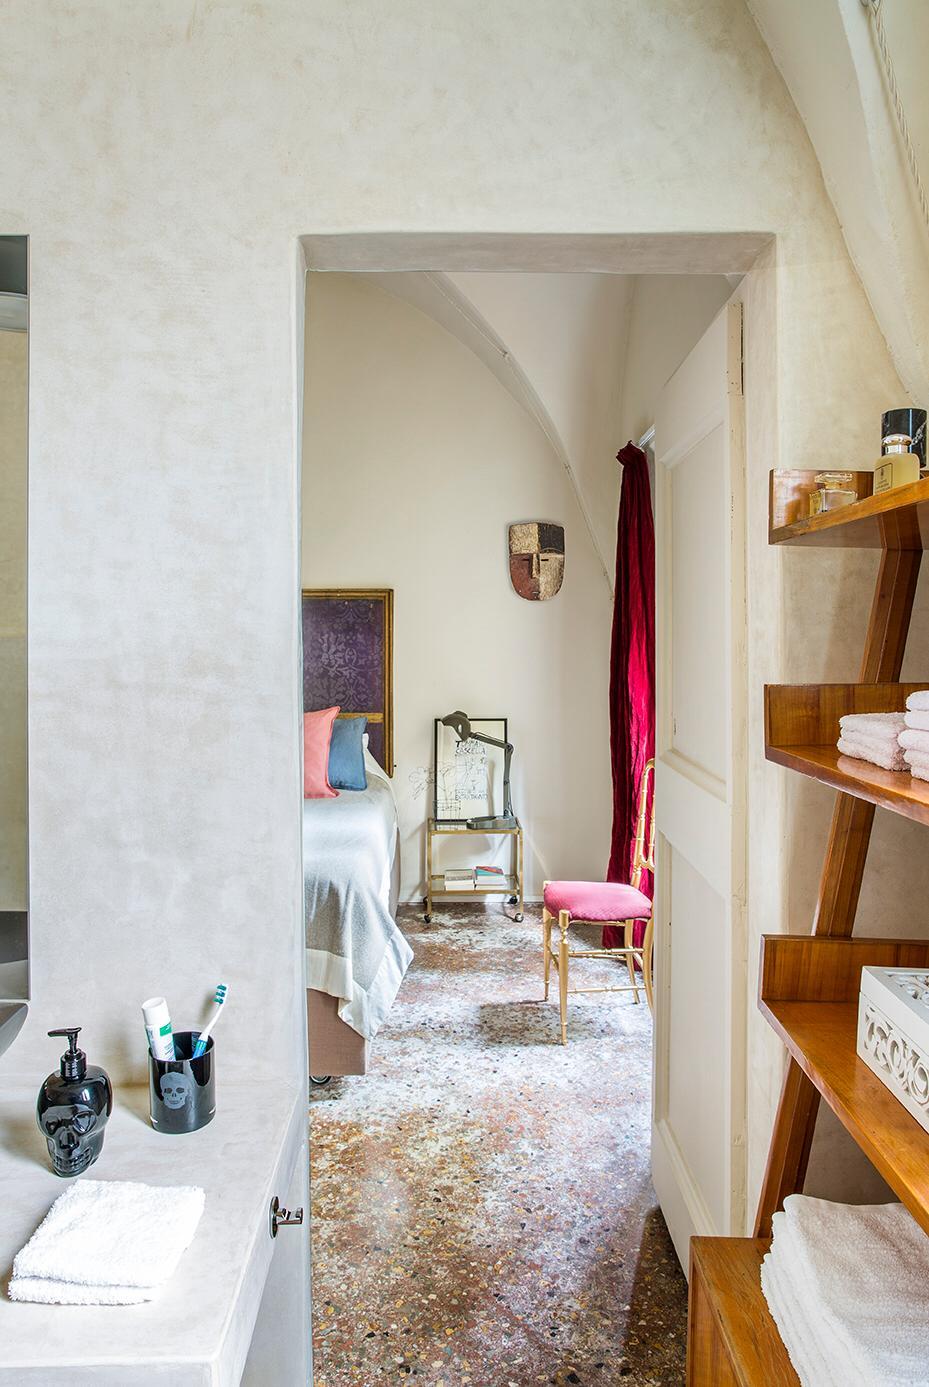 bagno in tadelakt in abitazione privata a Bologna